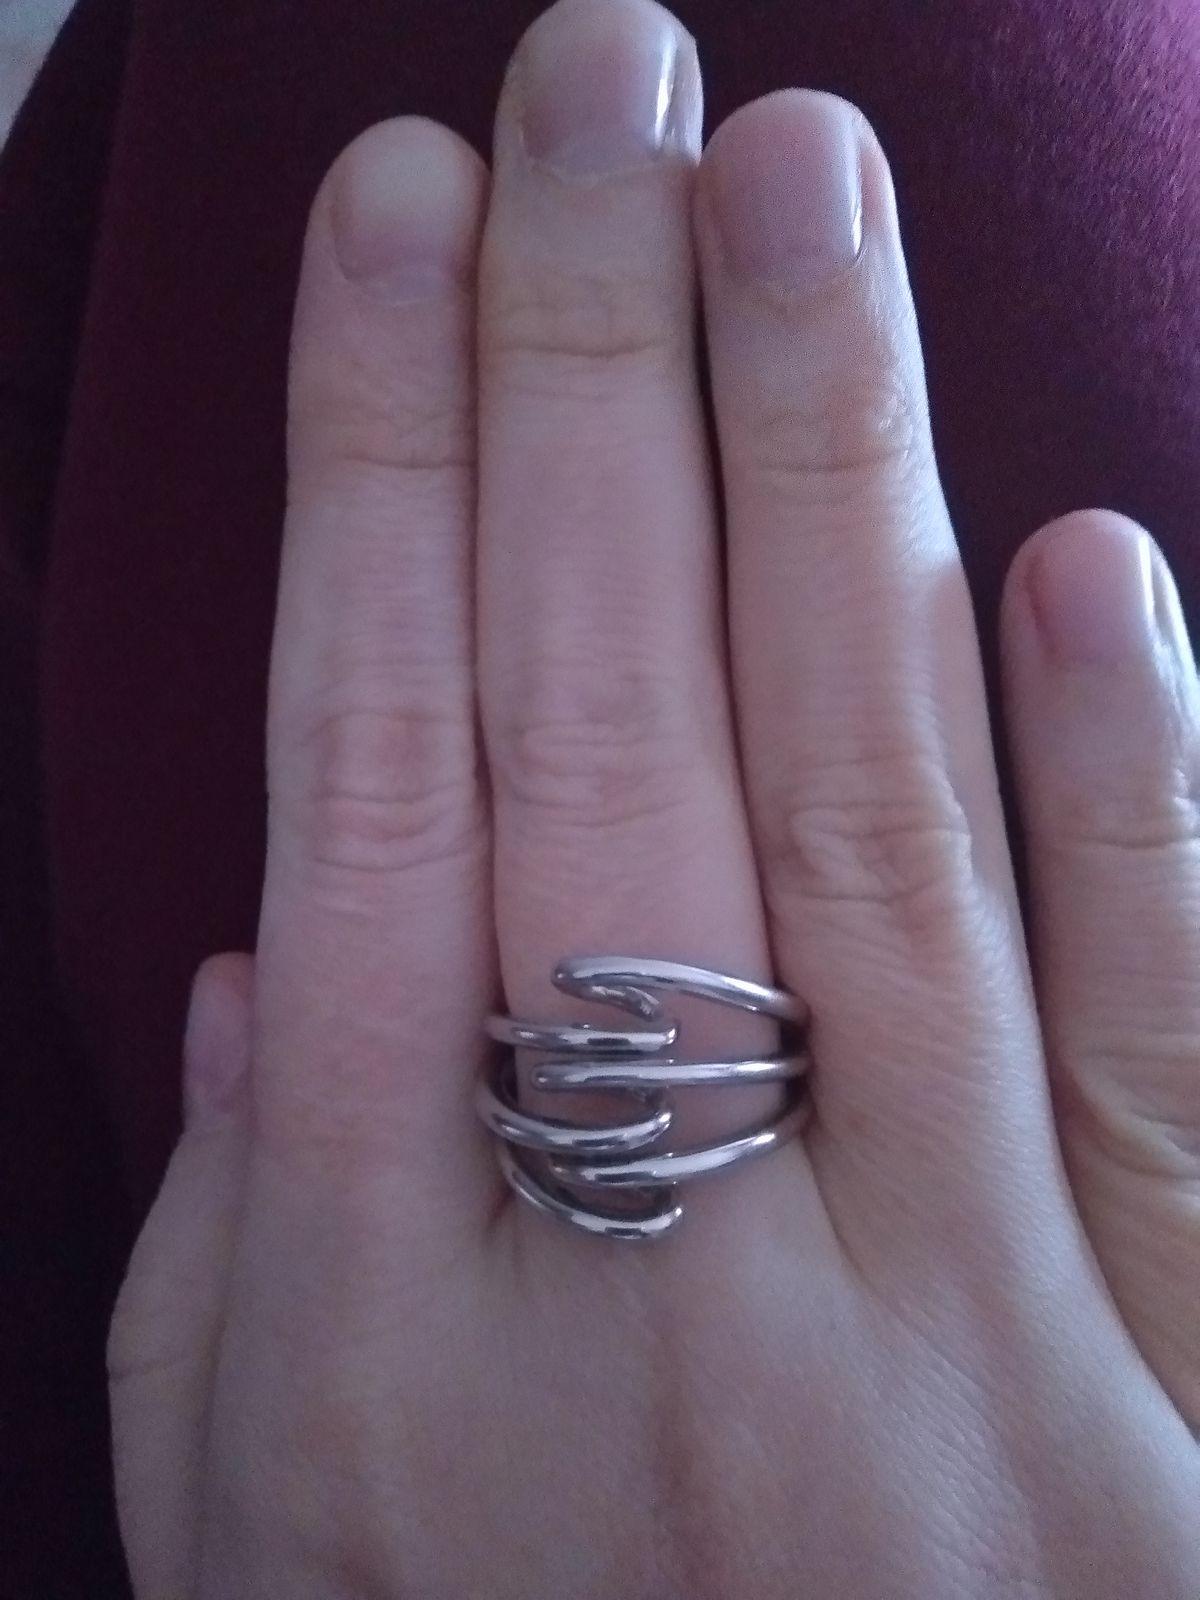 Кольцо стильное, но большемерит